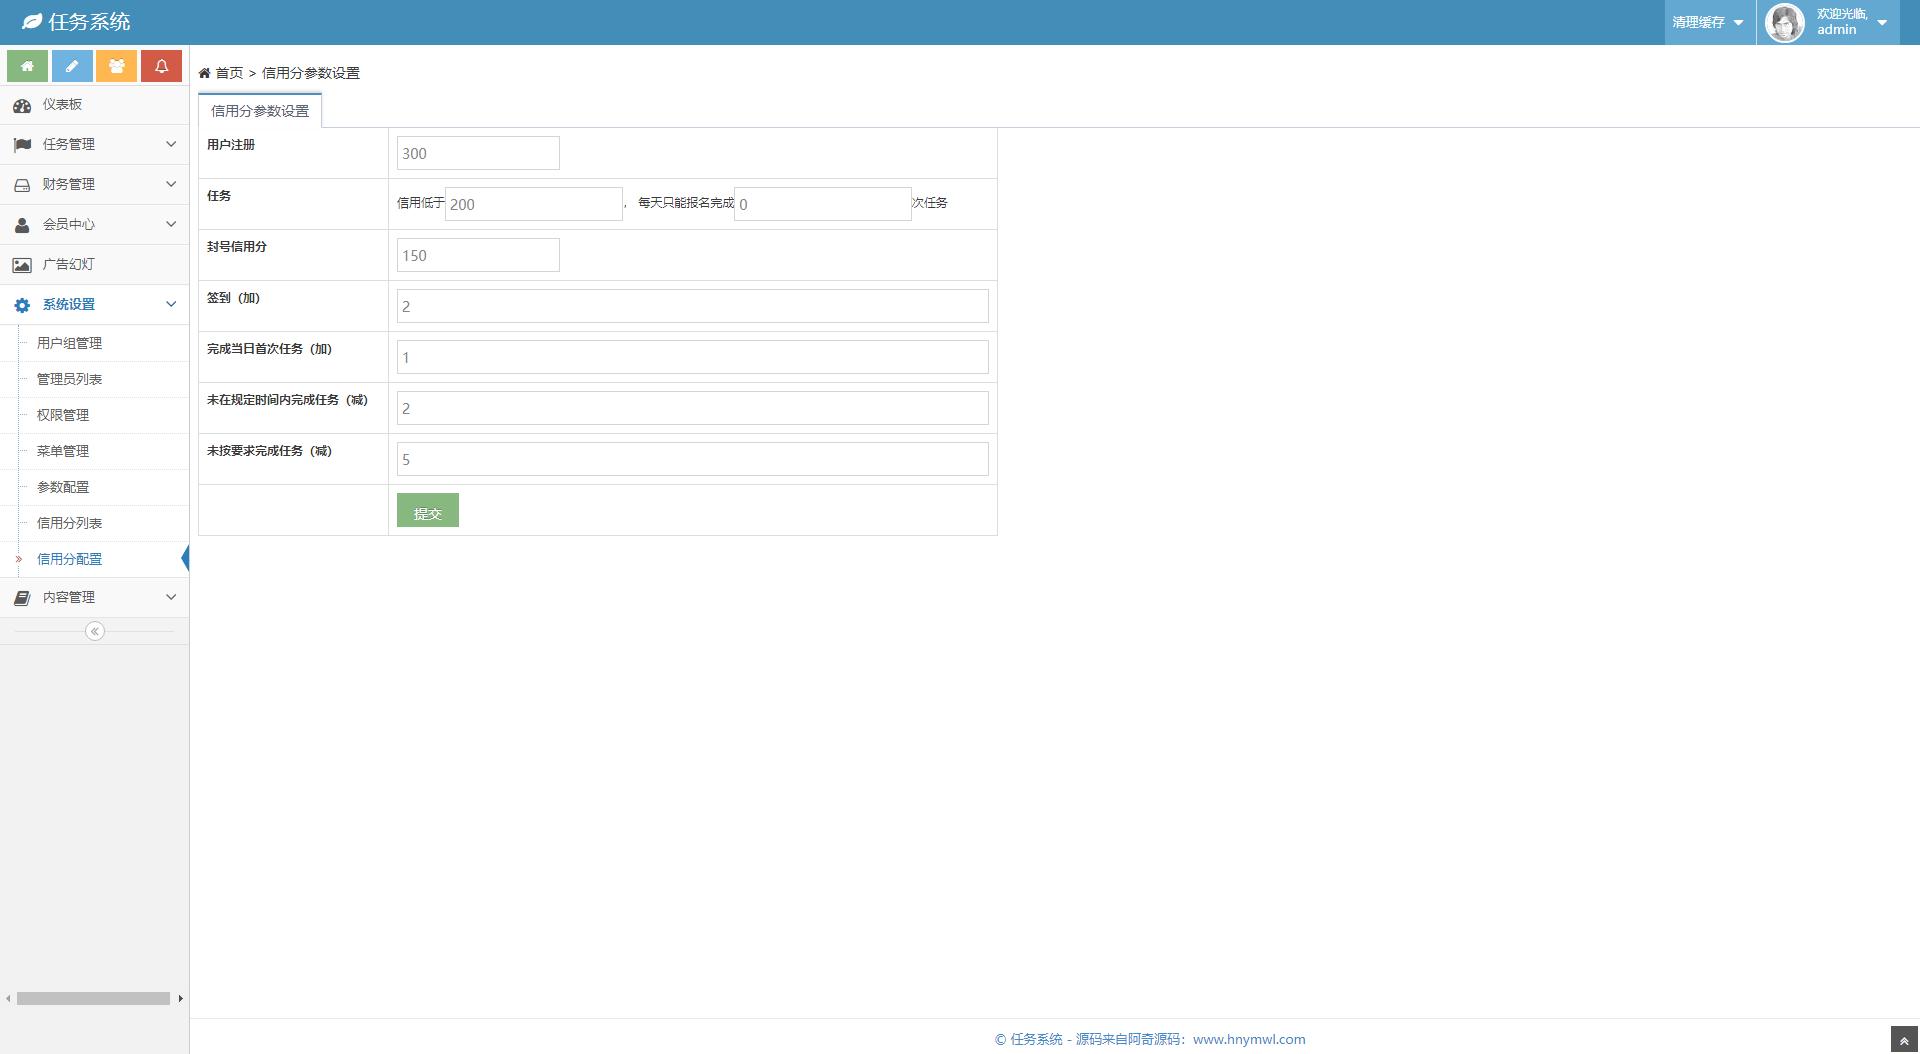 【仿悬赏猫牛】帮任务平台源码完美运营站长亲测支持封装APP 亲测源码-找主题源码